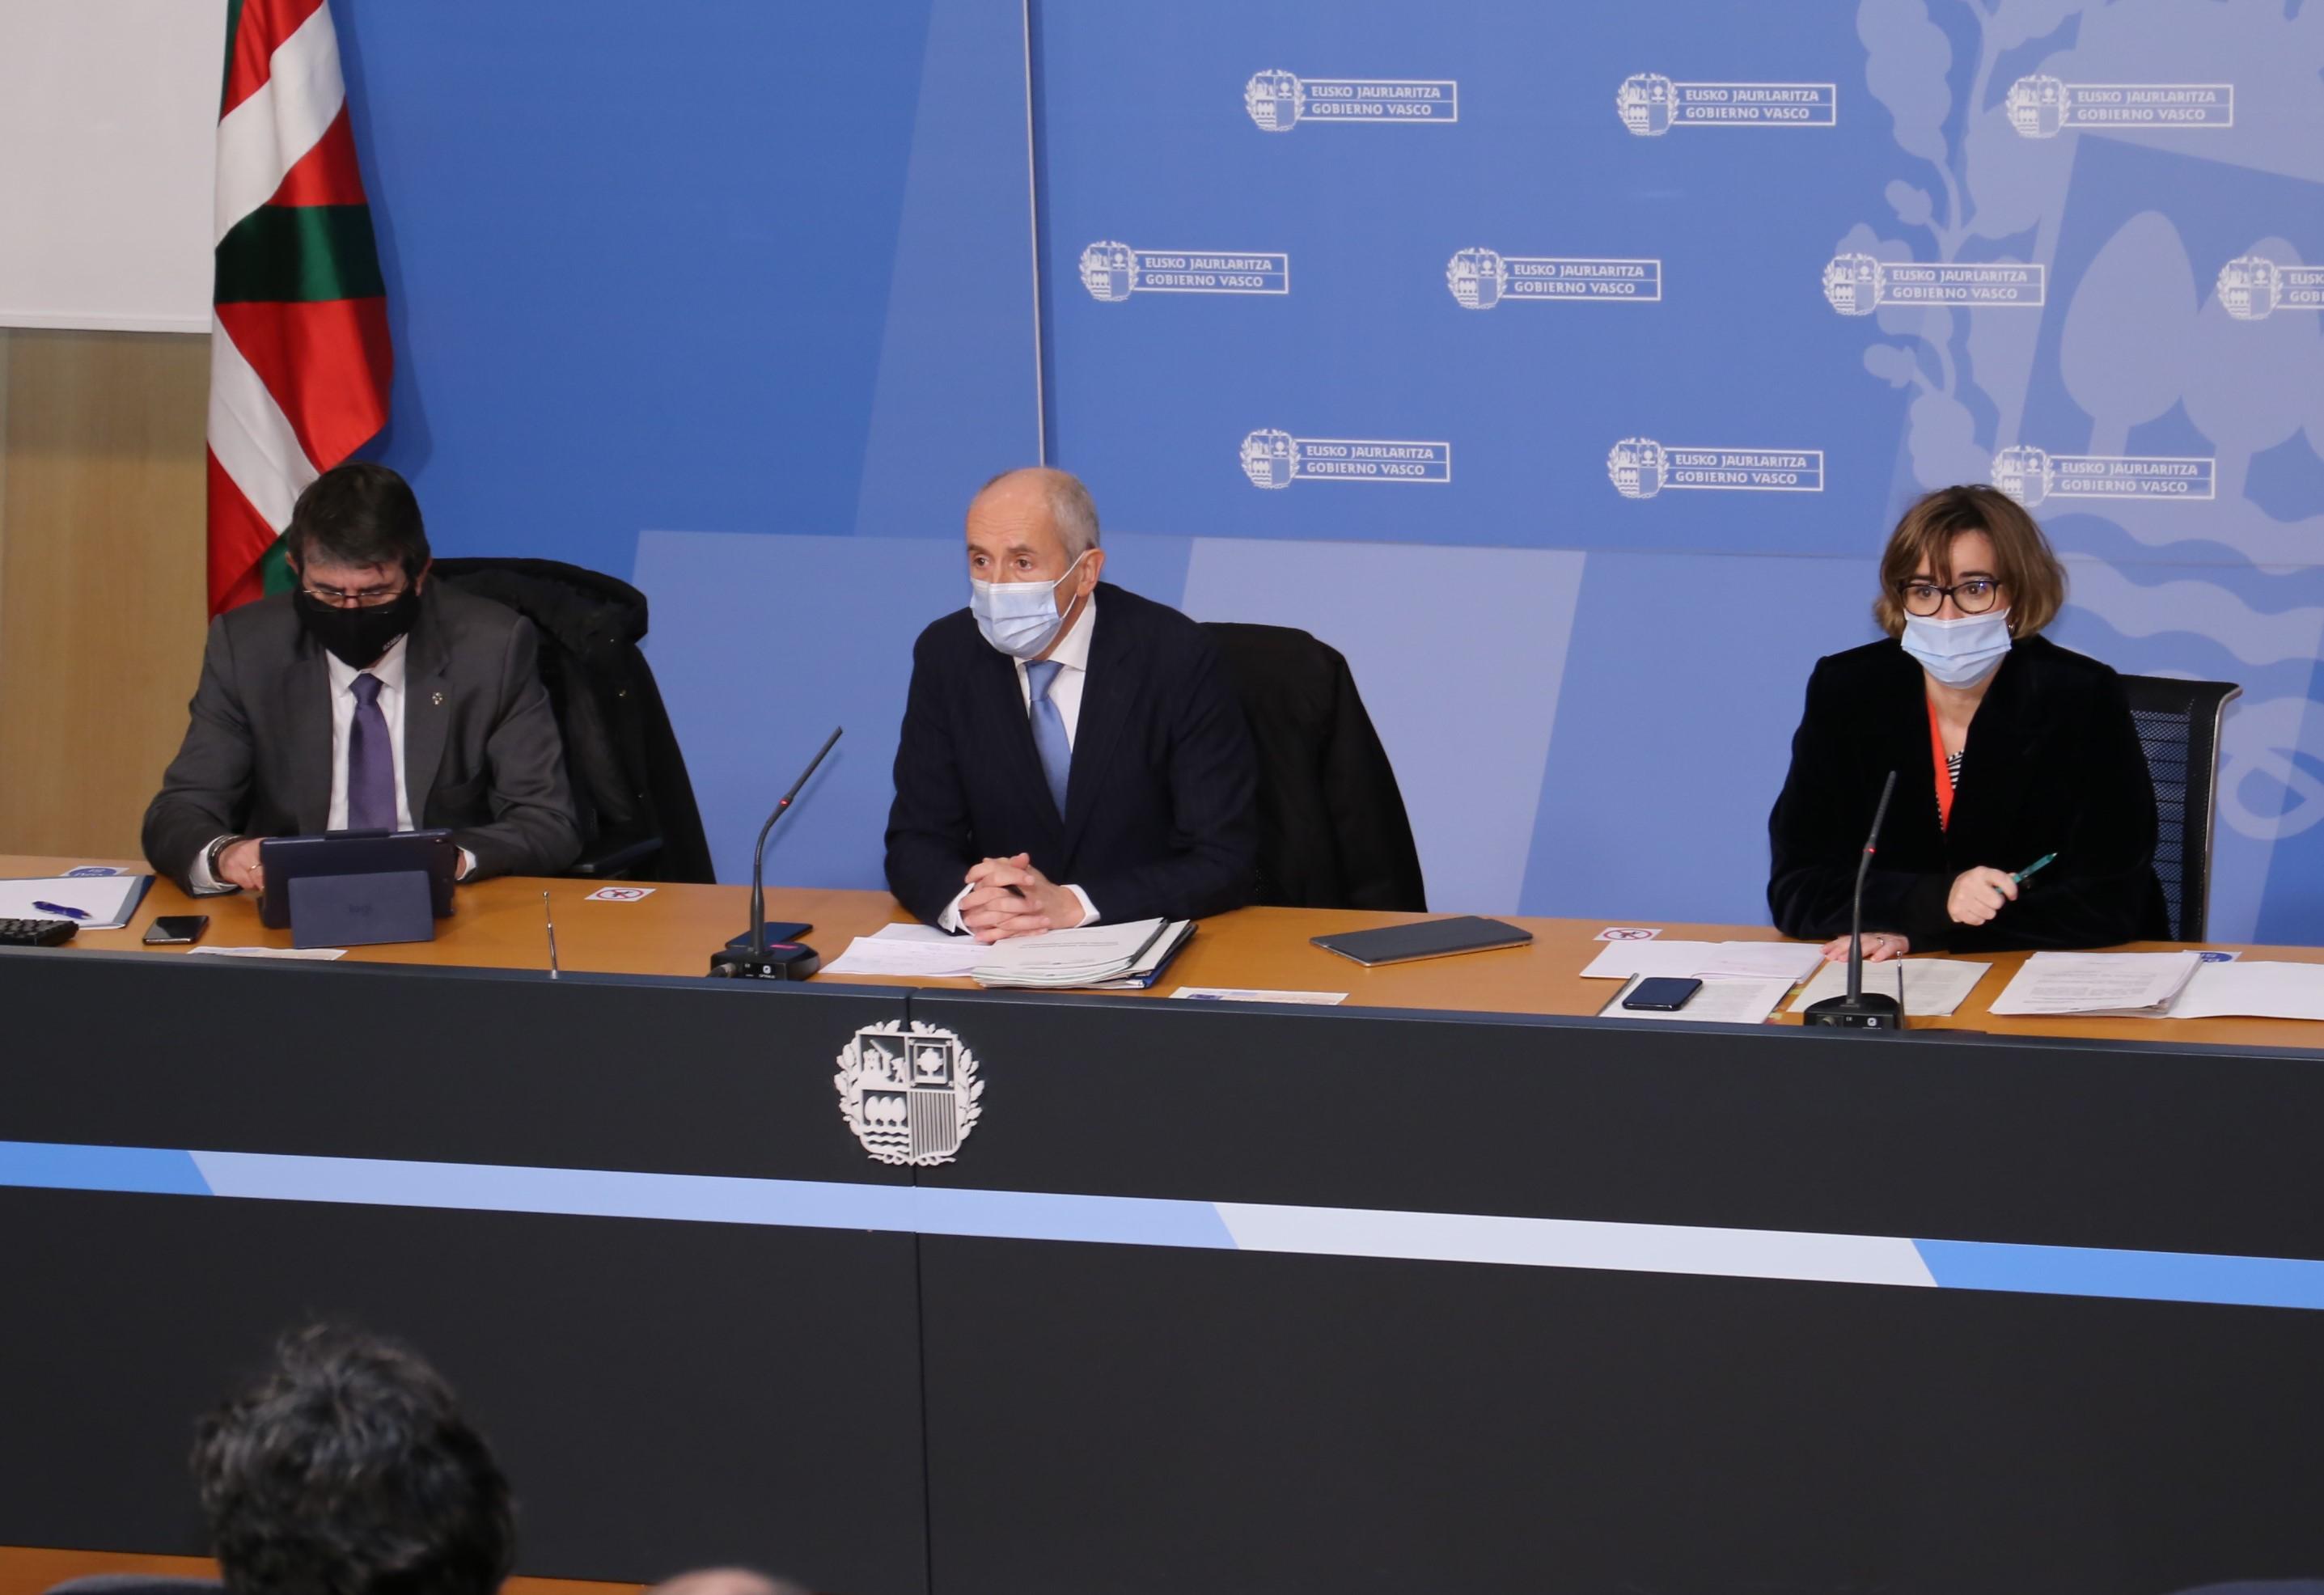 """El Gobierno presenta al Consejo de la Ertzaintza el proyecto de """"Centro de Detención Unificada"""" que se habilitará este año en la Ertzain-etxea de Lakua [2:28]"""